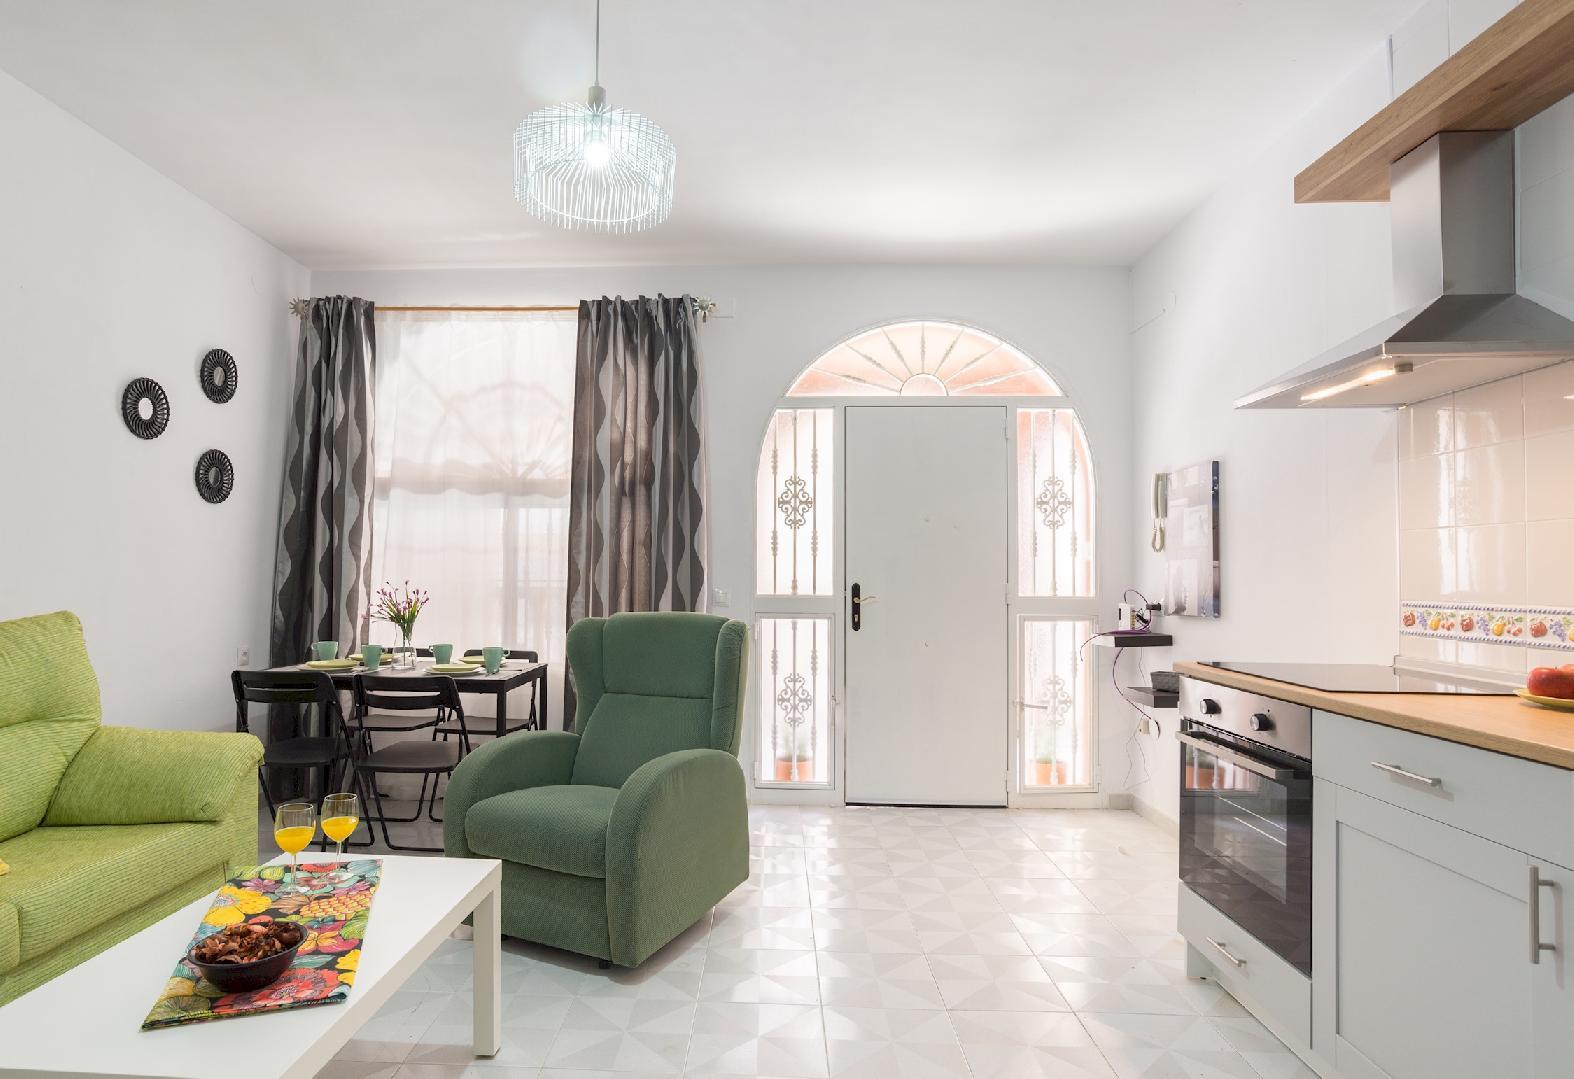 Apartment MalagaSuite Cozy Apartment in Benalmadena photo 14653420